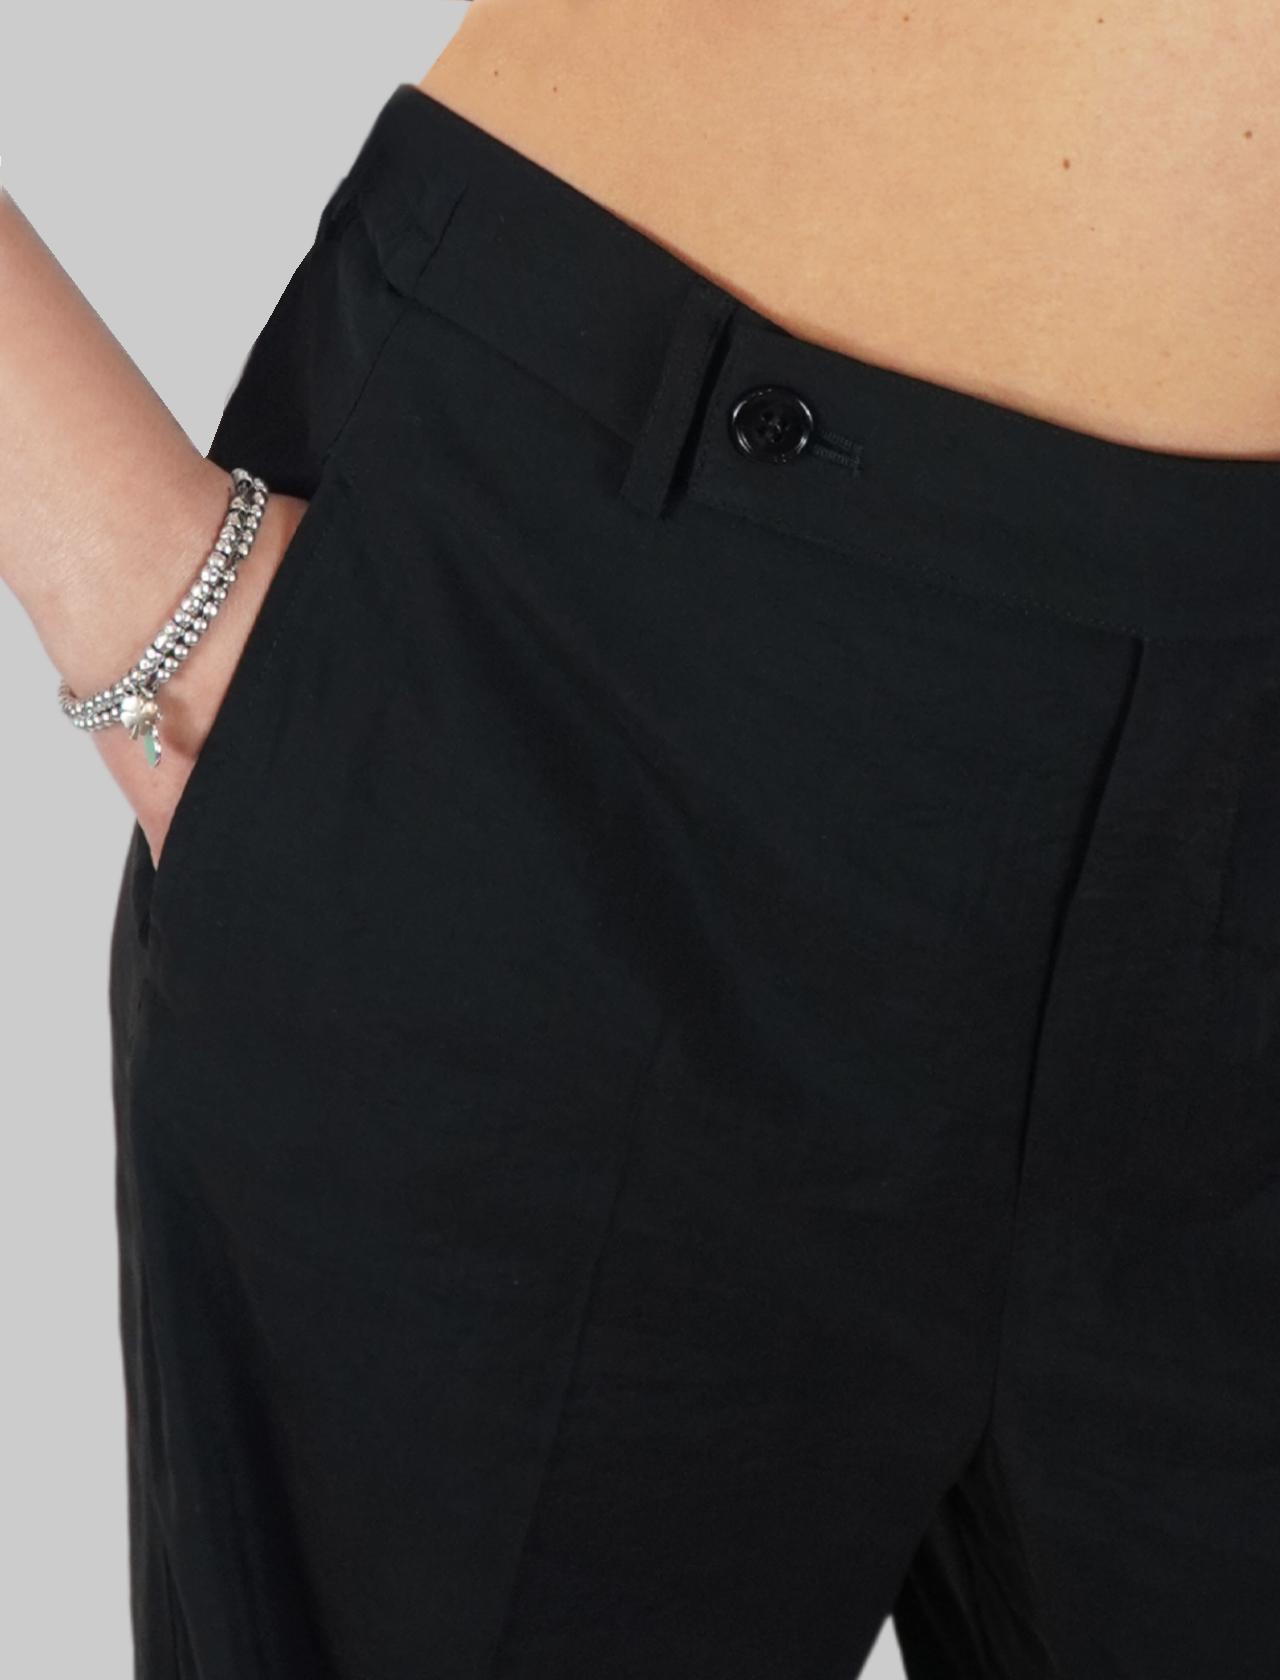 Abbigliamento Donna Pantalone in Tessuto Nero Cupro Largo Elastico Mercì | Gonne e Pantaloni | P245C001